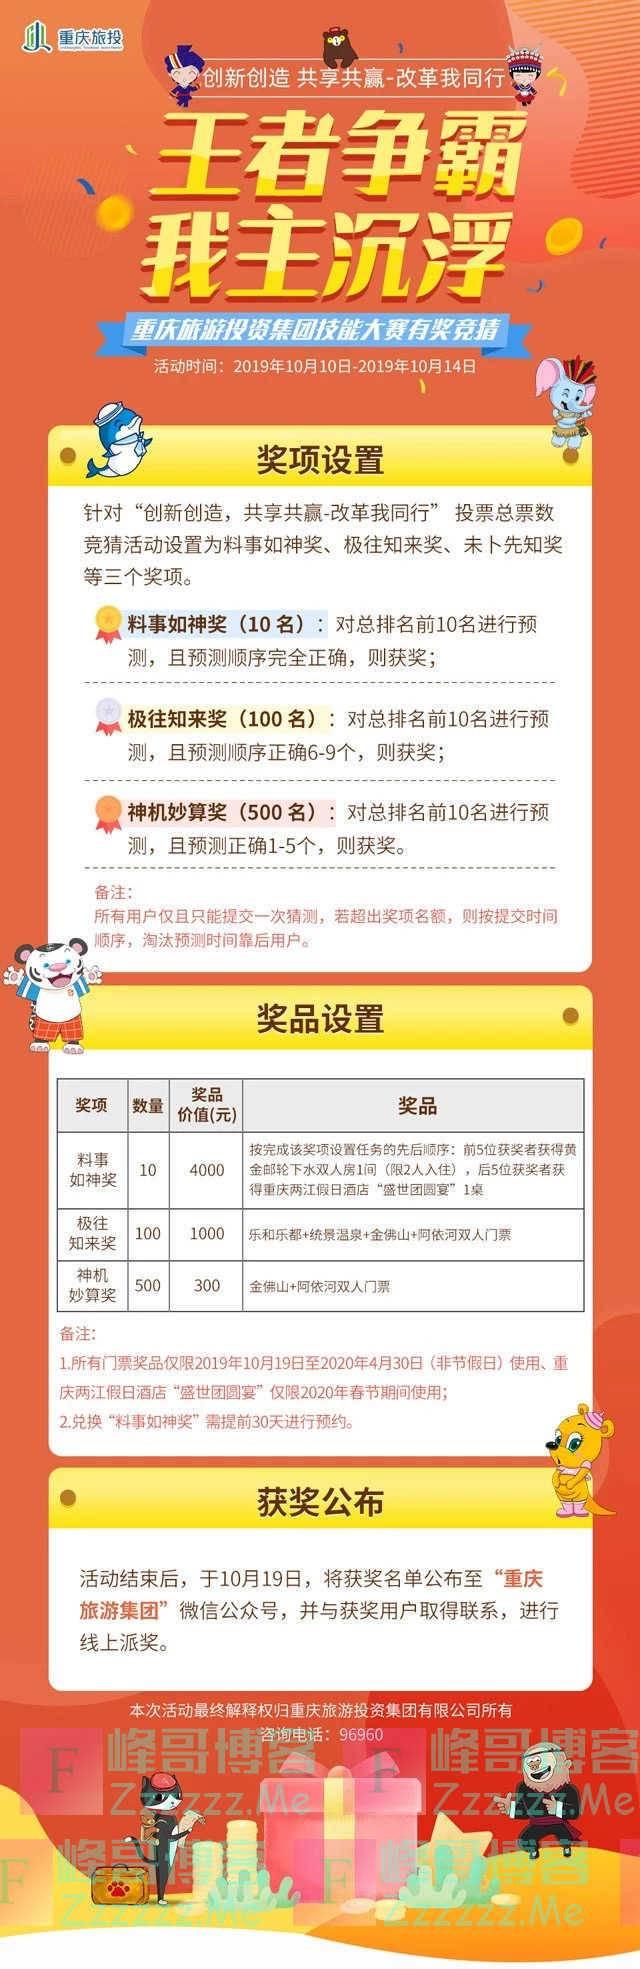 重庆旅游集团重庆旅游投资集团技能大赛有奖竞猜(10月14日截止)